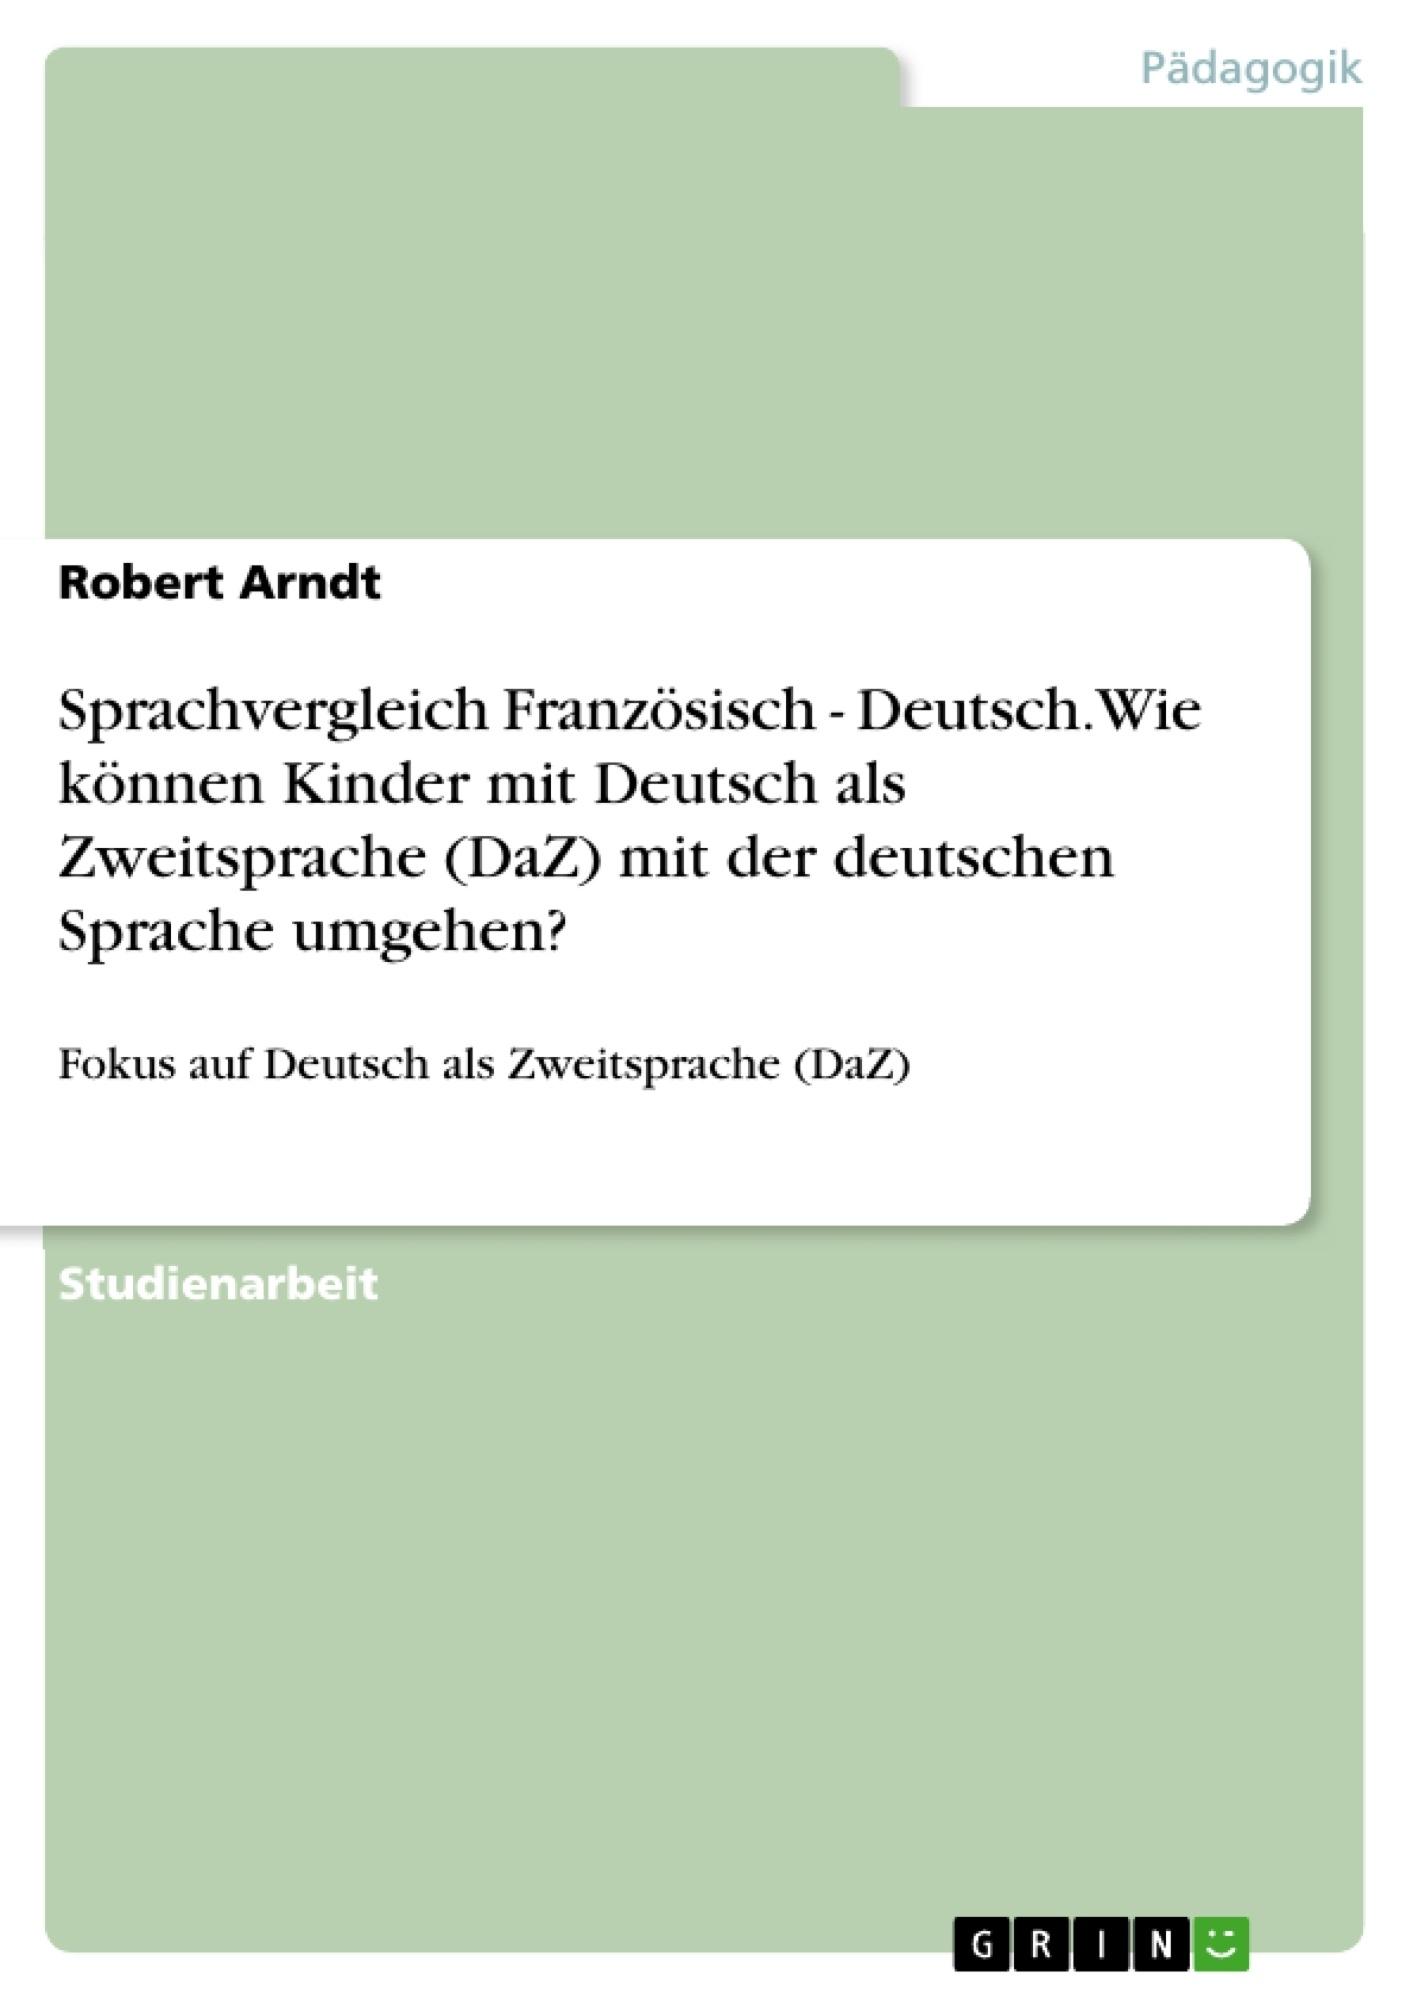 Titel: Sprachvergleich Französisch - Deutsch. Wie können Kinder mit Deutsch als Zweitsprache (DaZ) mit der deutschen Sprache umgehen?